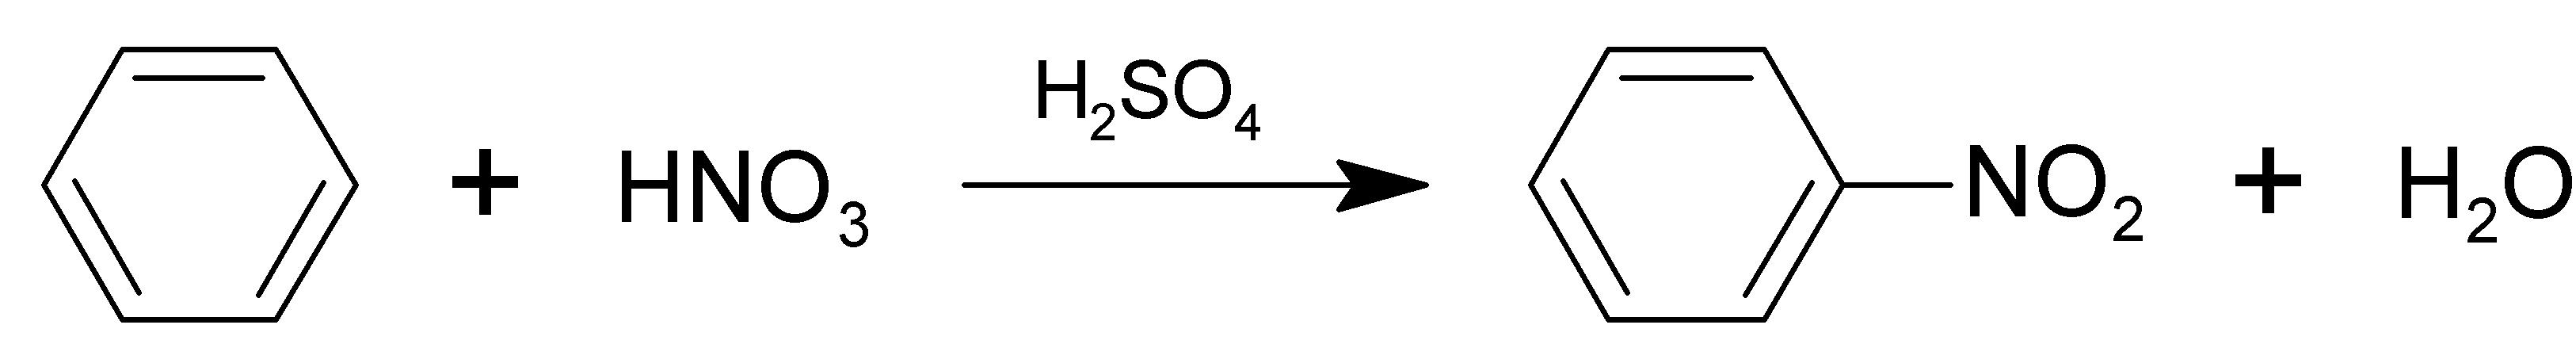 Nitration of Benzene 1